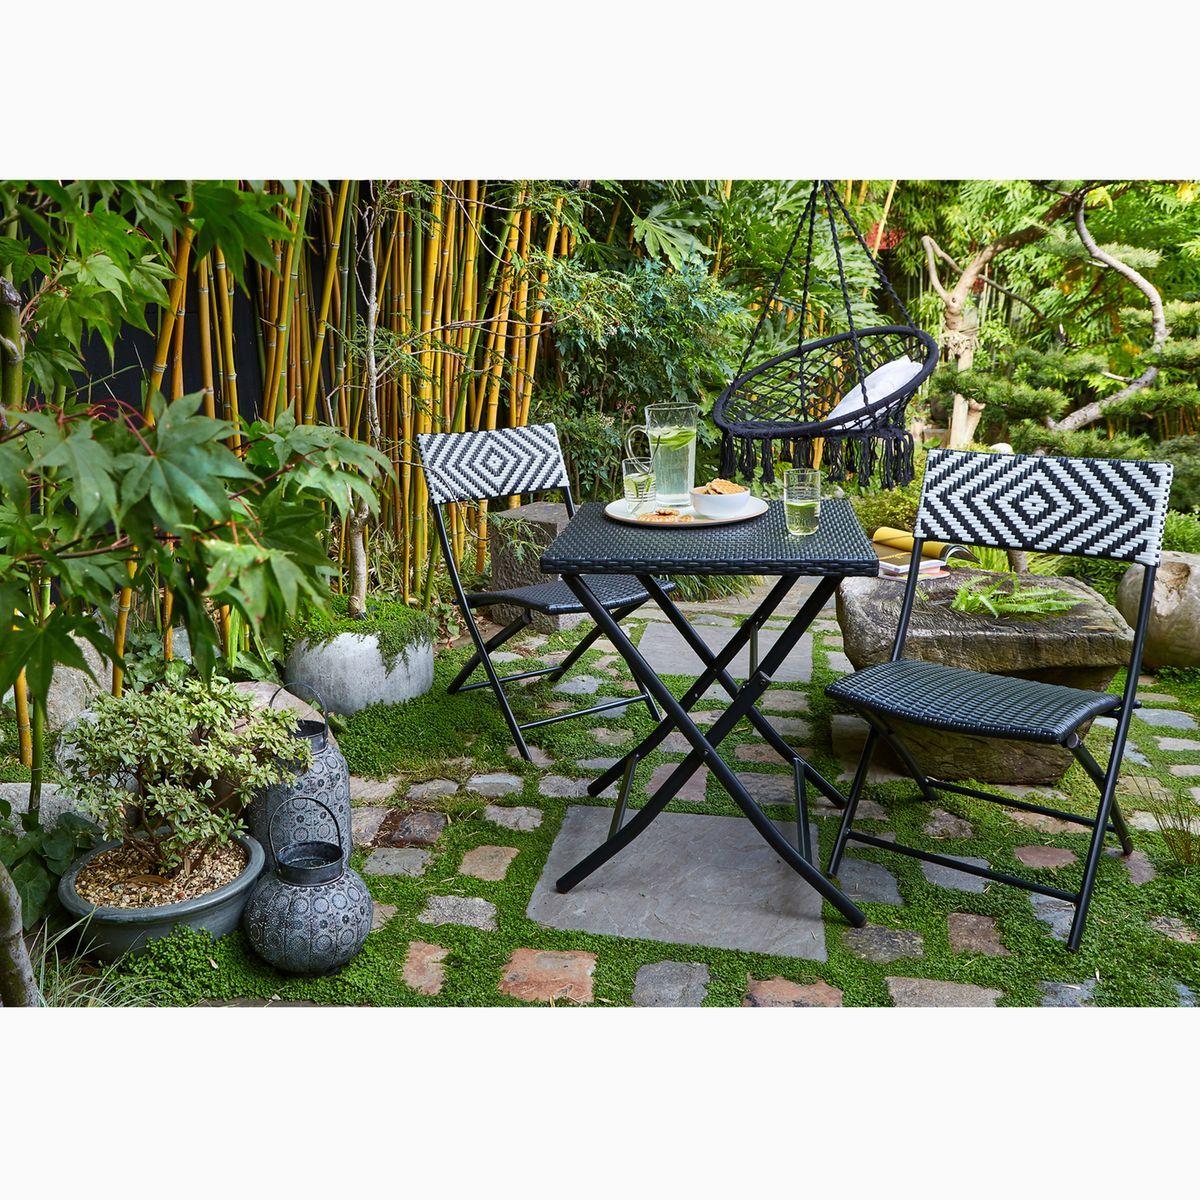 Jardin zen et ethnique avec ce mobilier de jardin tressé noir et ...